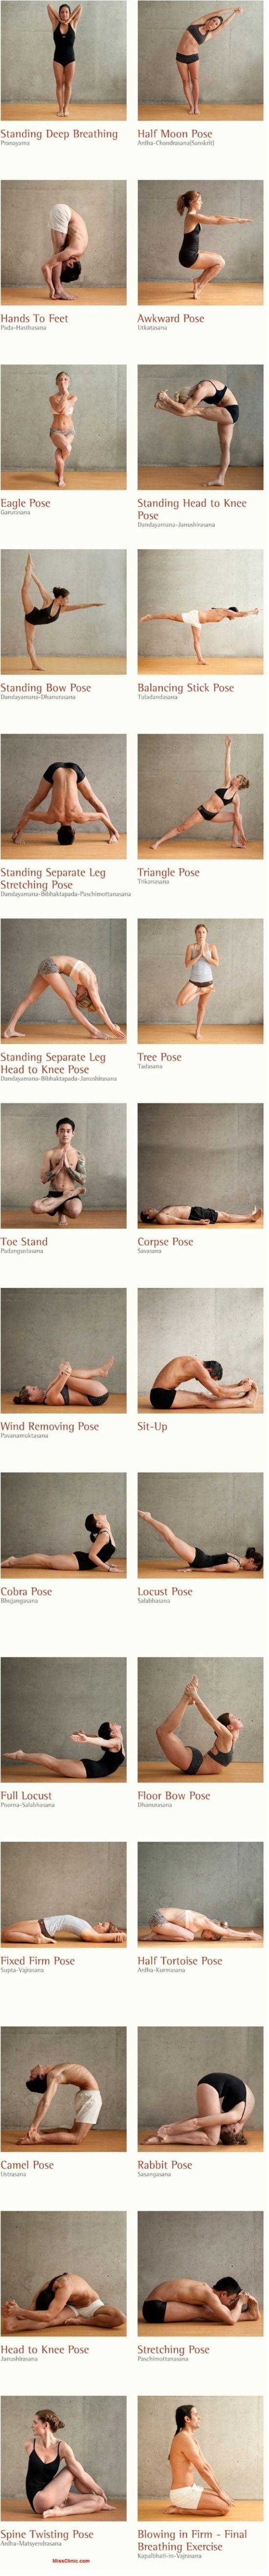 The 26 bikram yoga poses and 2 breathing exercises